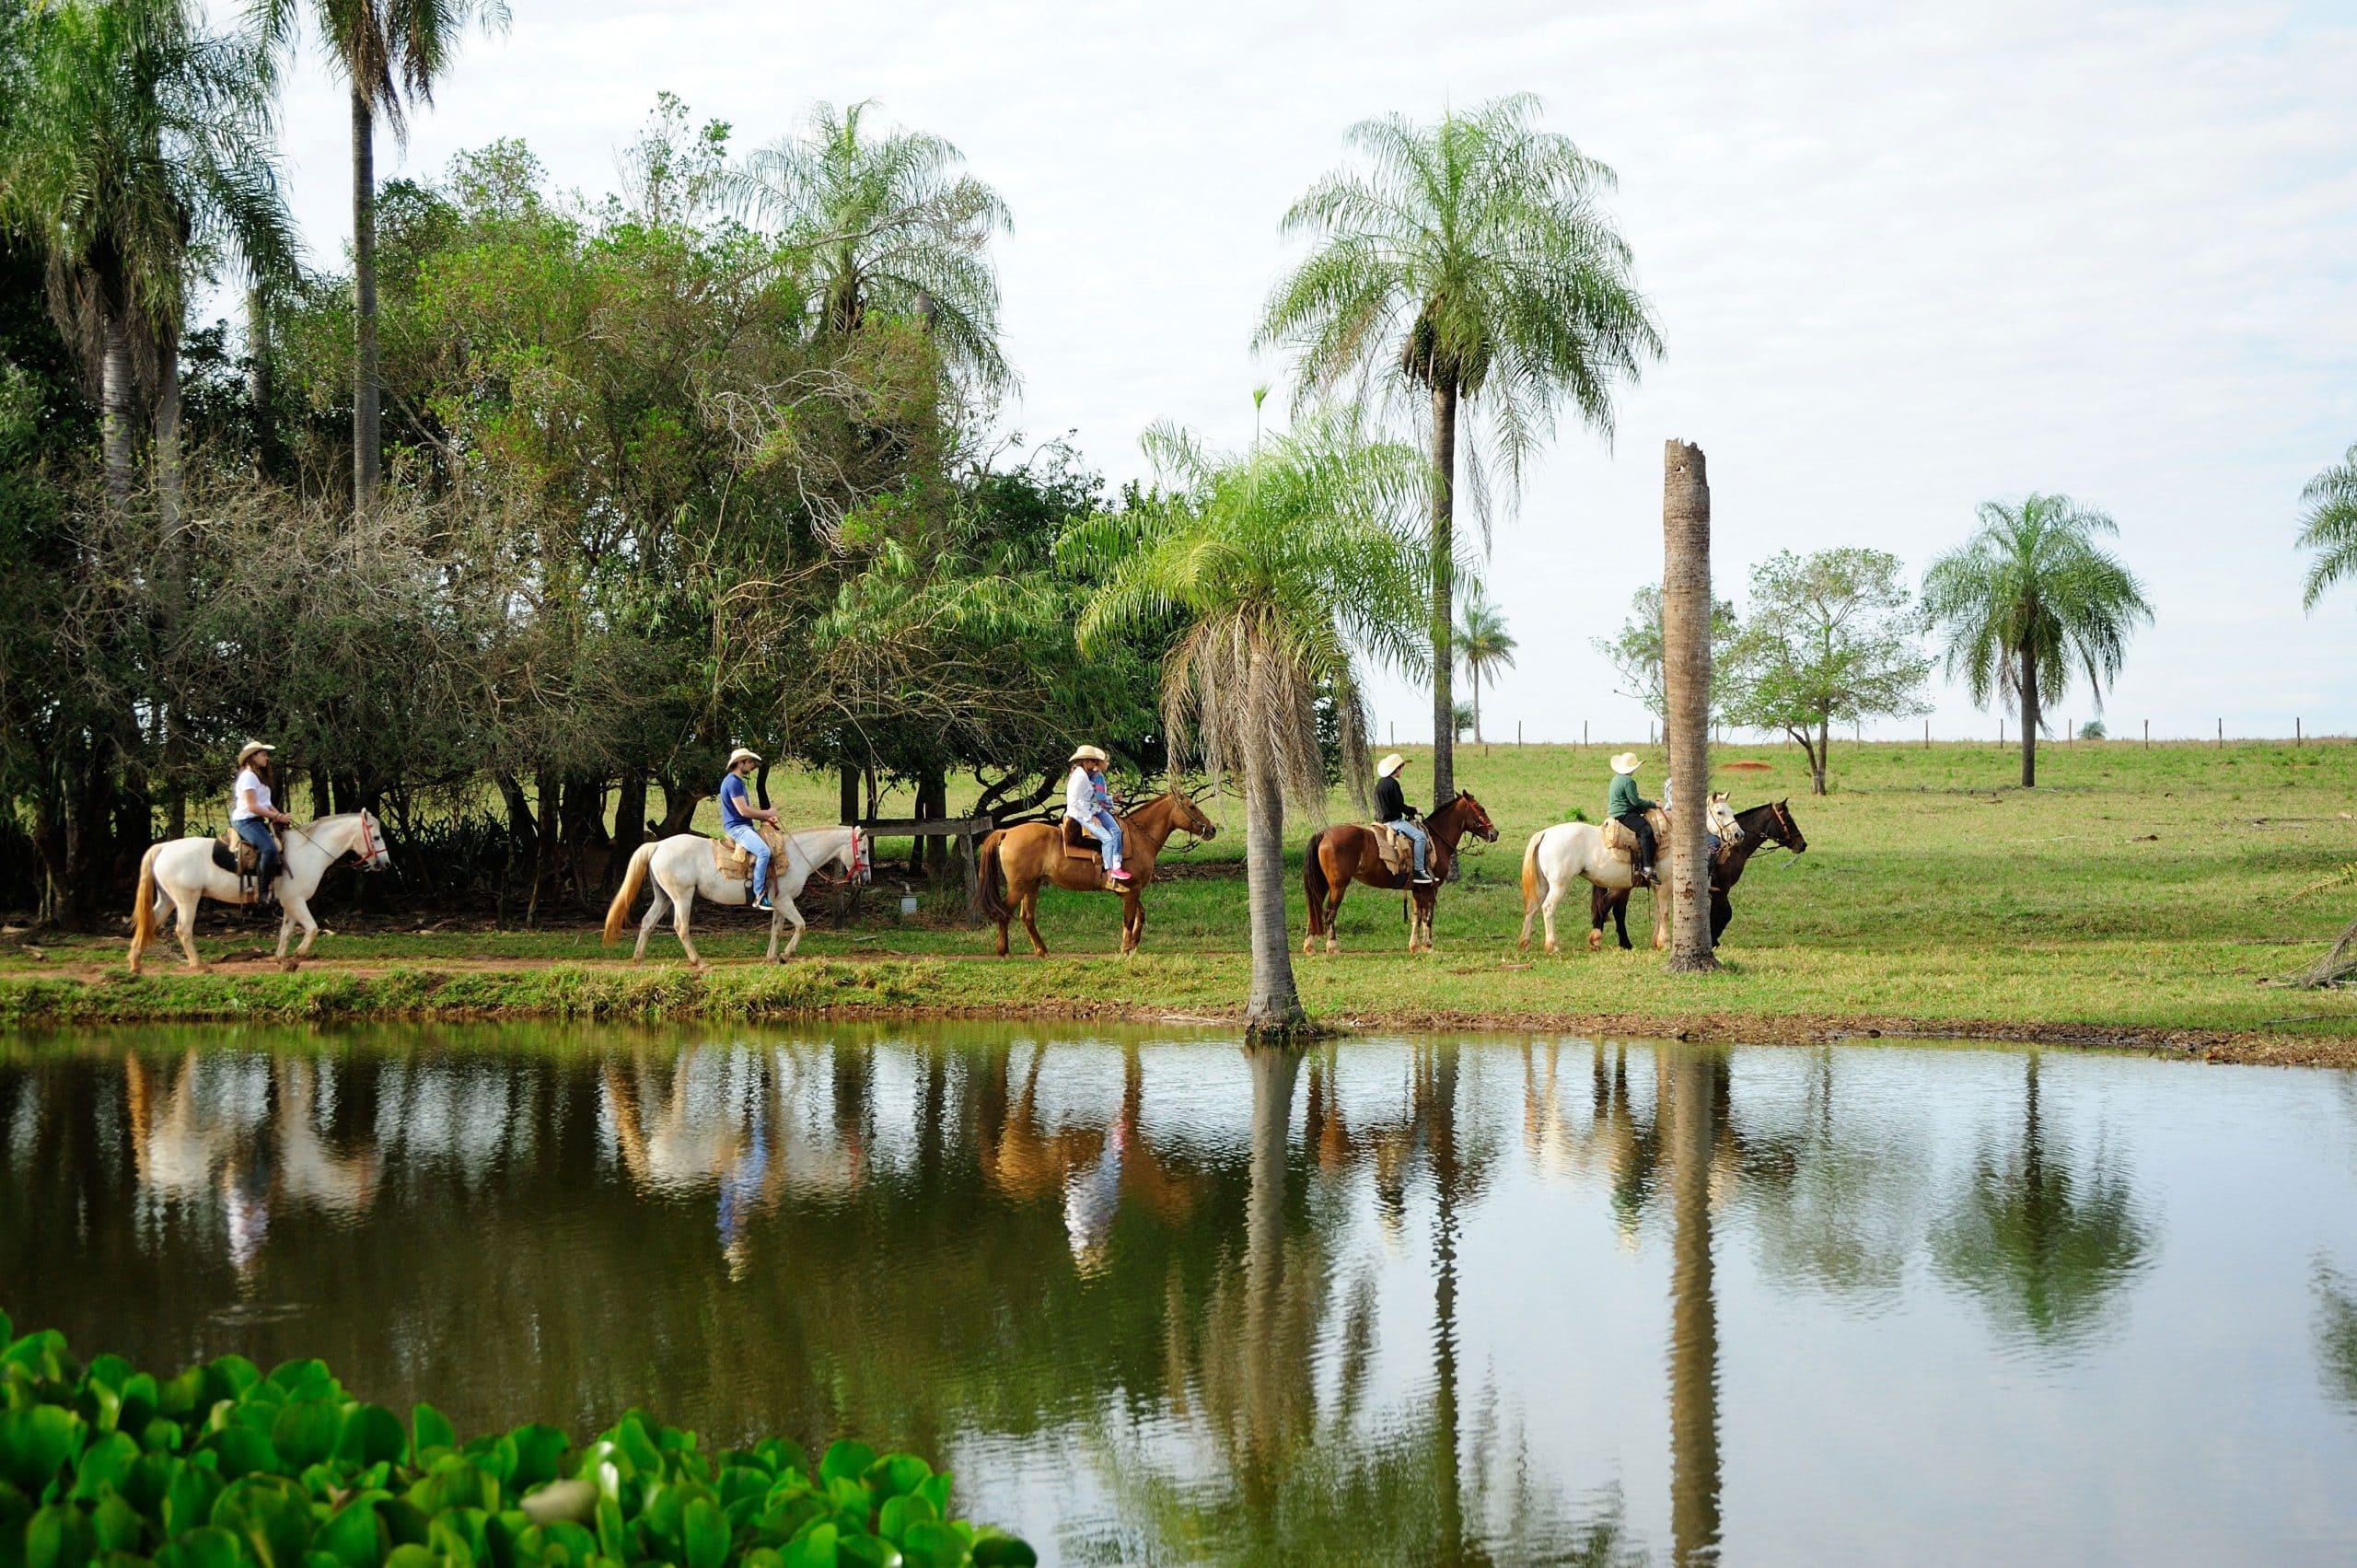 Cavalgada no Rio da Prata